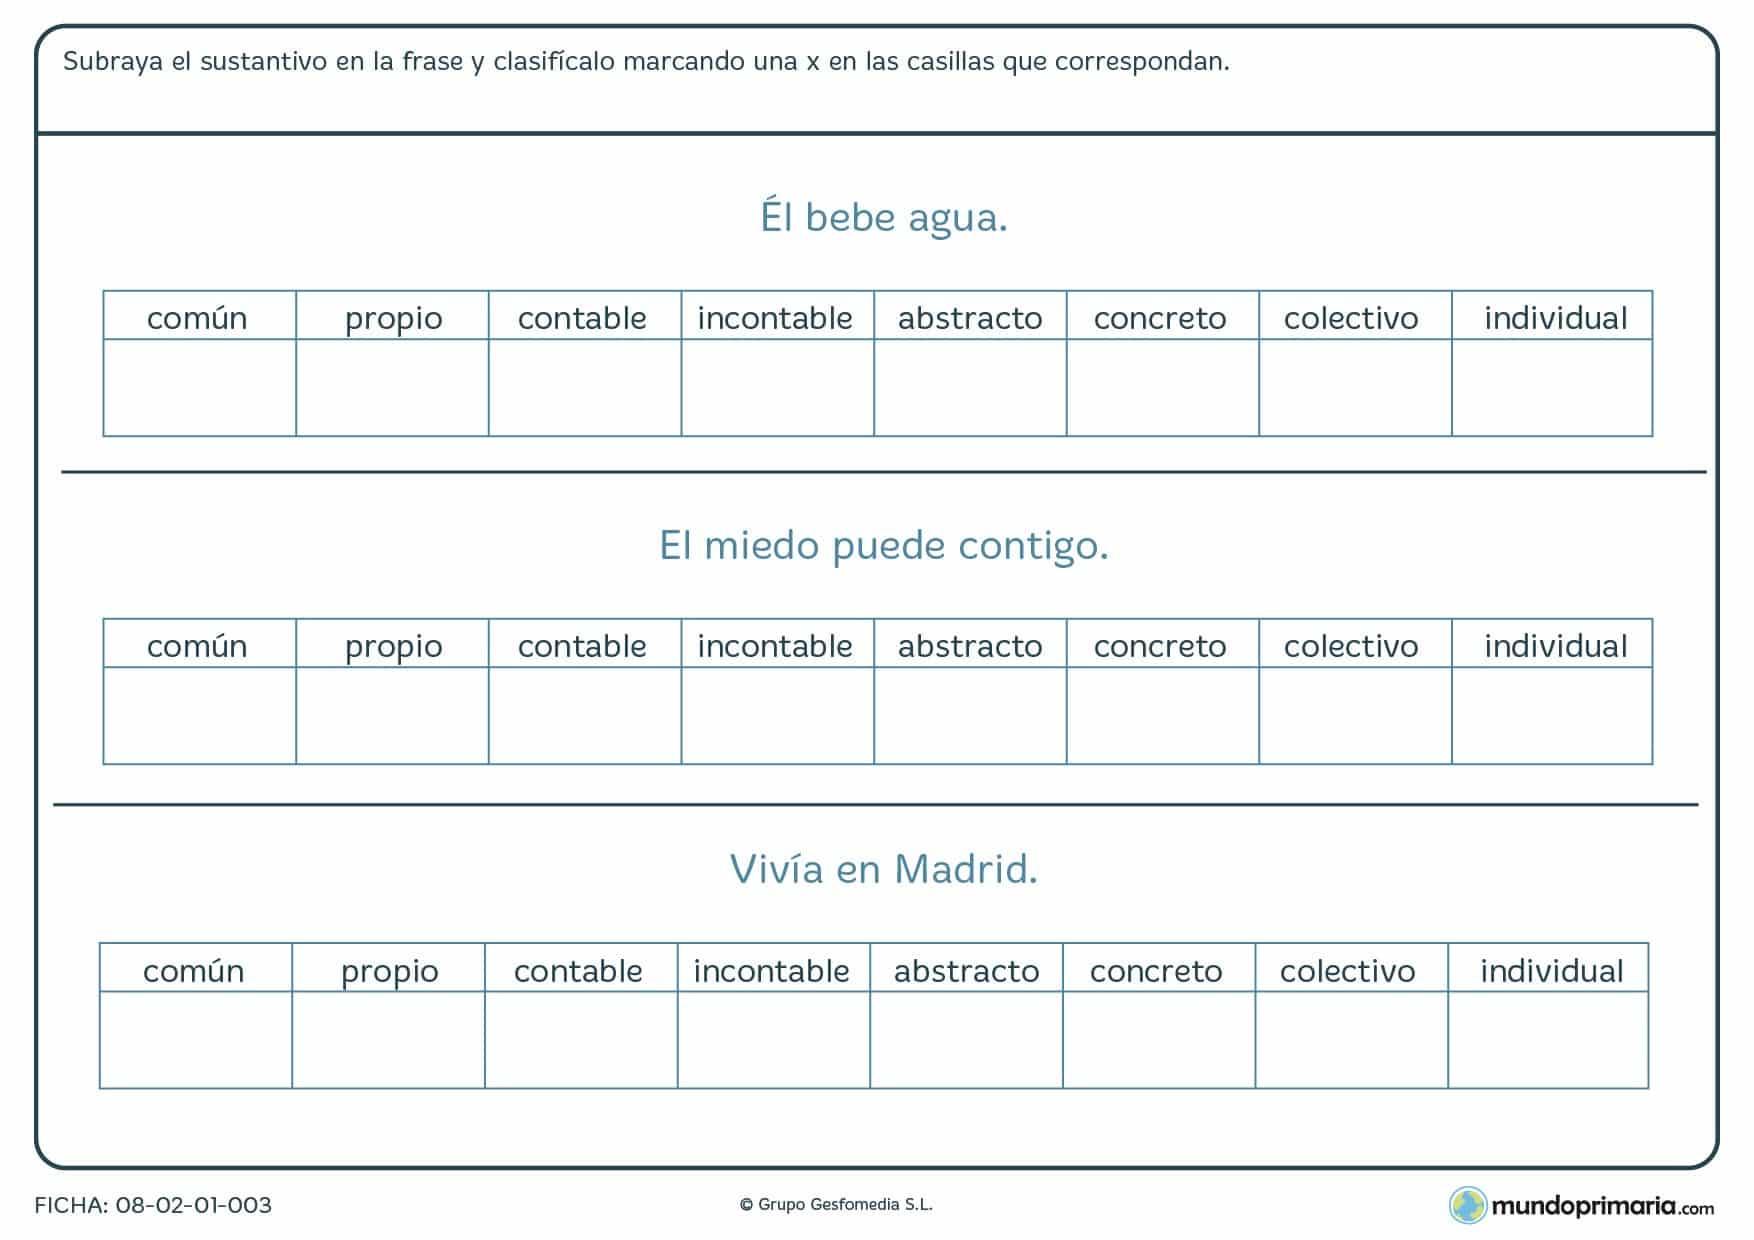 Ficha de subrayar el sustantivo de las frases y clasificarlo